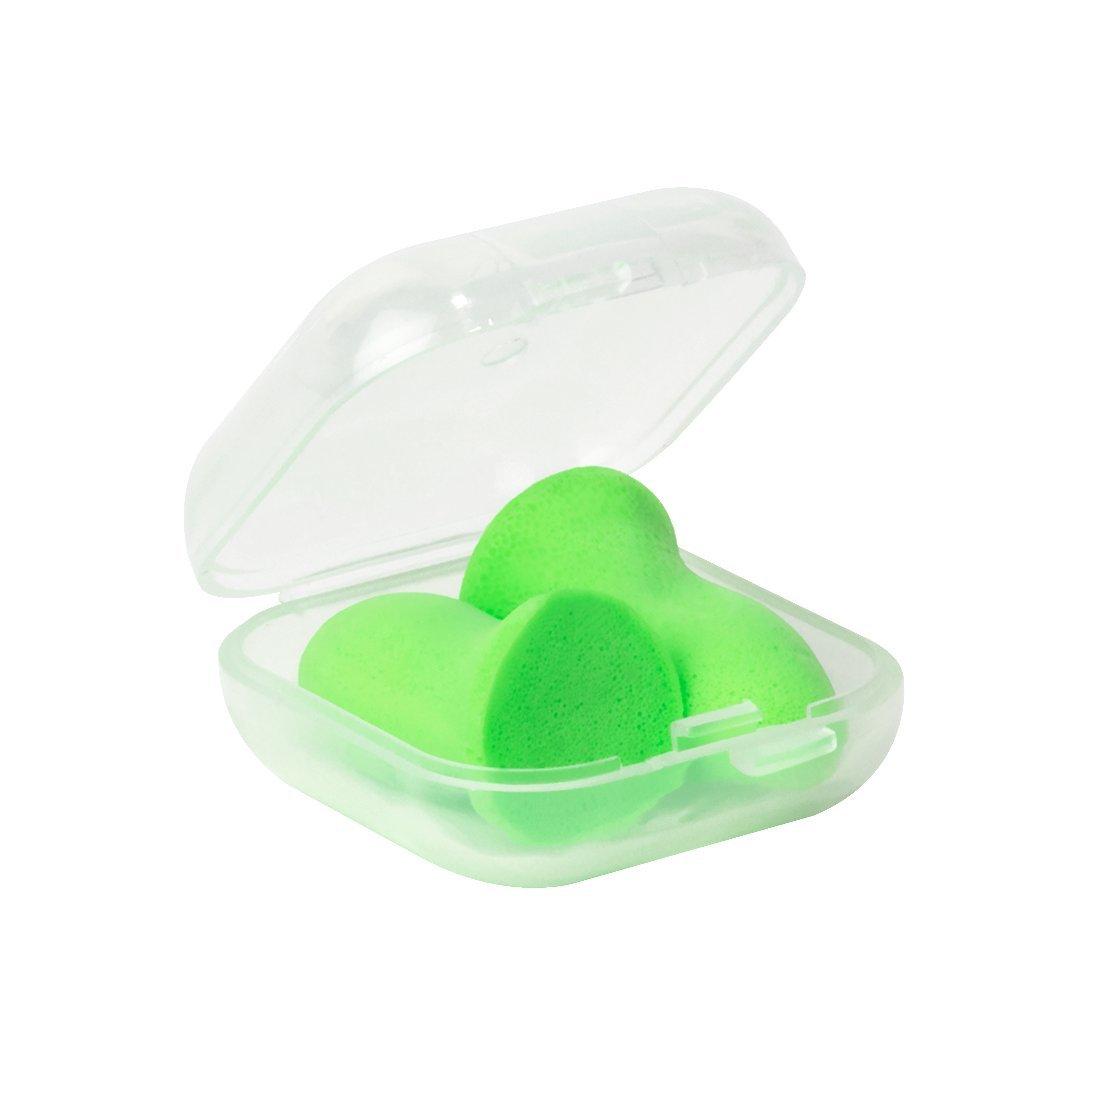 Soft Comfort 10 Pair by Flents Flents Contour Ear Plugs